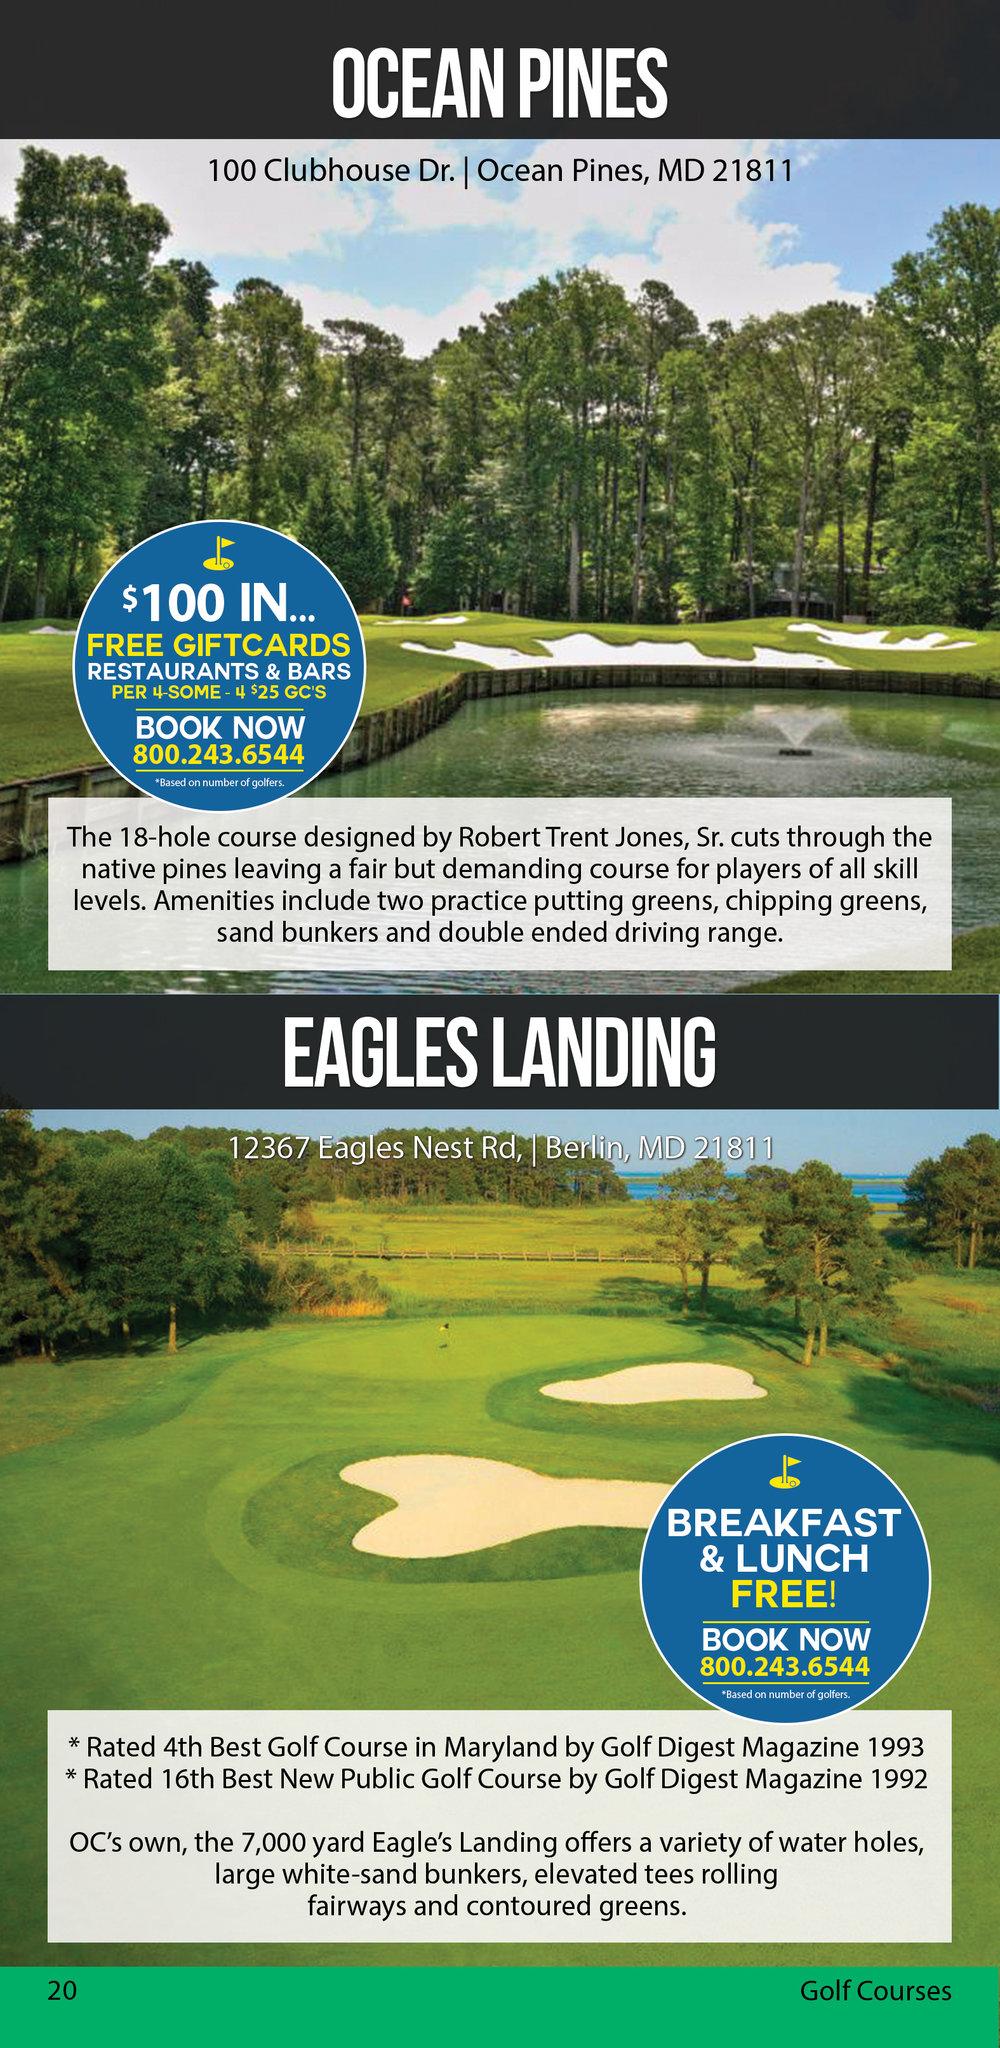 Page-20-Ocean-Pines-&-Eagles-Landing.jpg